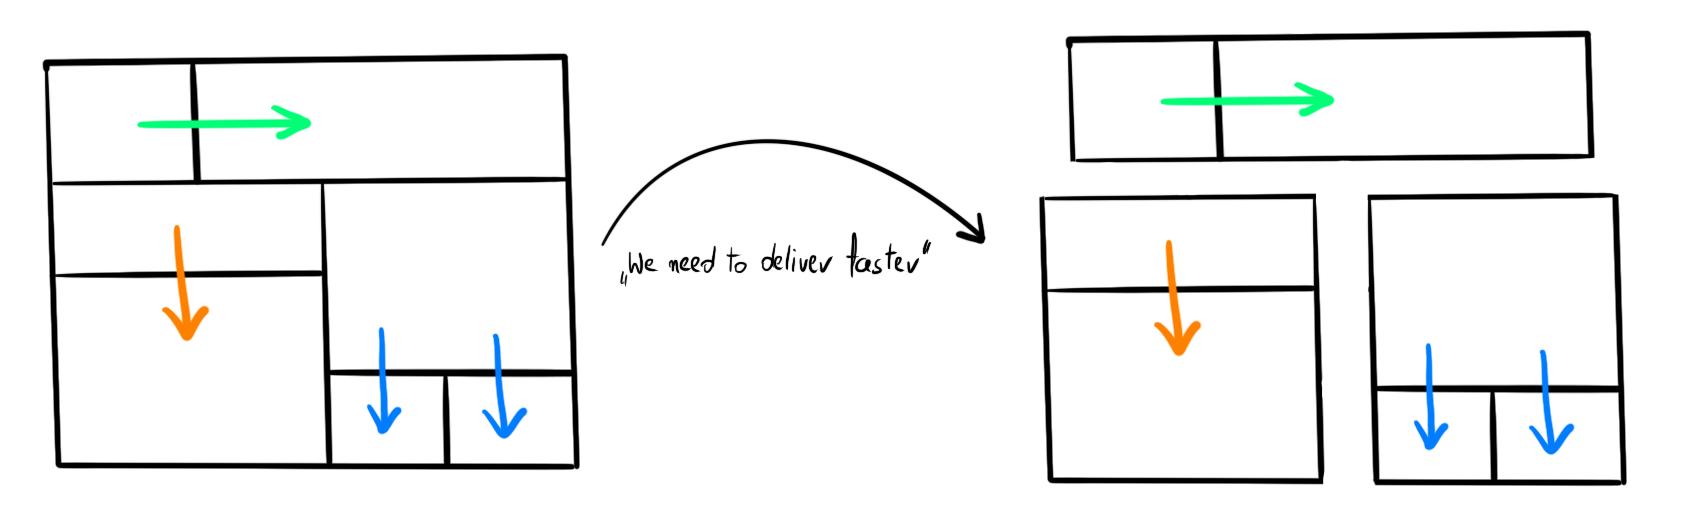 从模块化单体应用到松耦合微服务